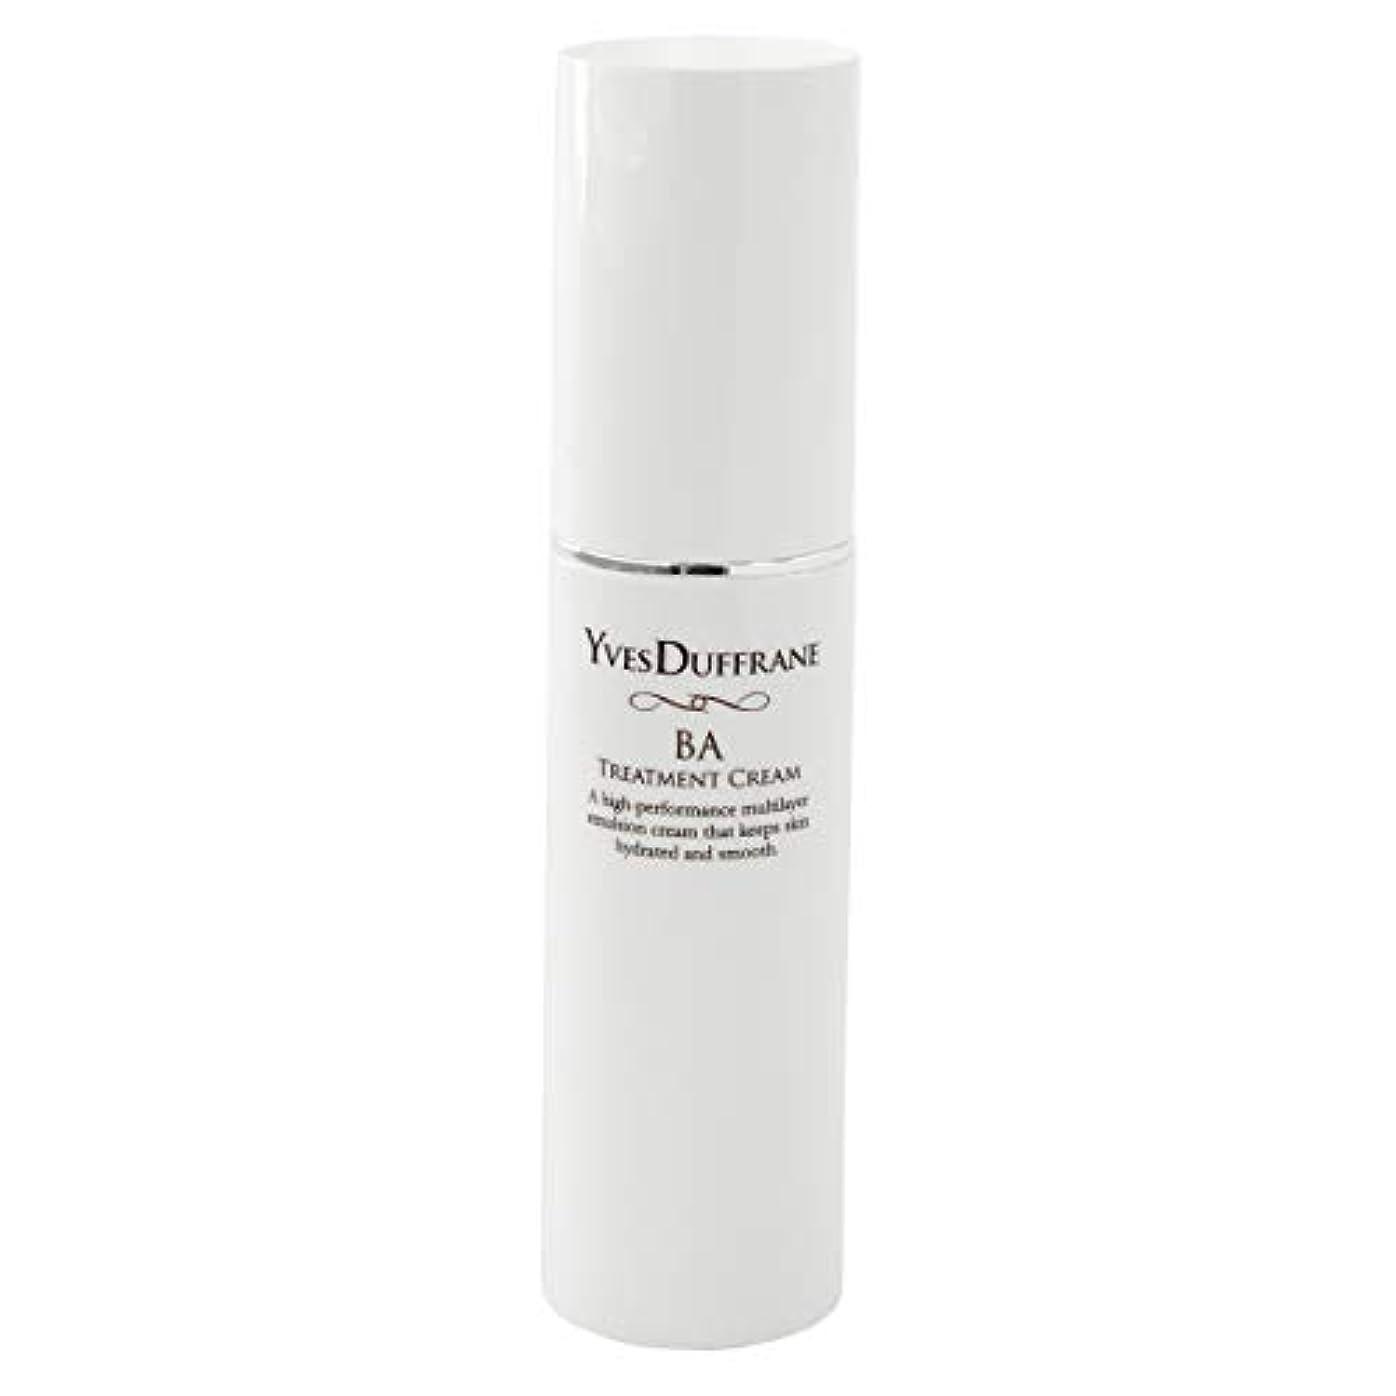 満たす狂ったふさわしいセラミド 美容クリーム [BAトリートメント クリーム ] 顔 目元 敏感肌 保湿 セラミド ビタミンC誘導体 バイオアンテージ配合